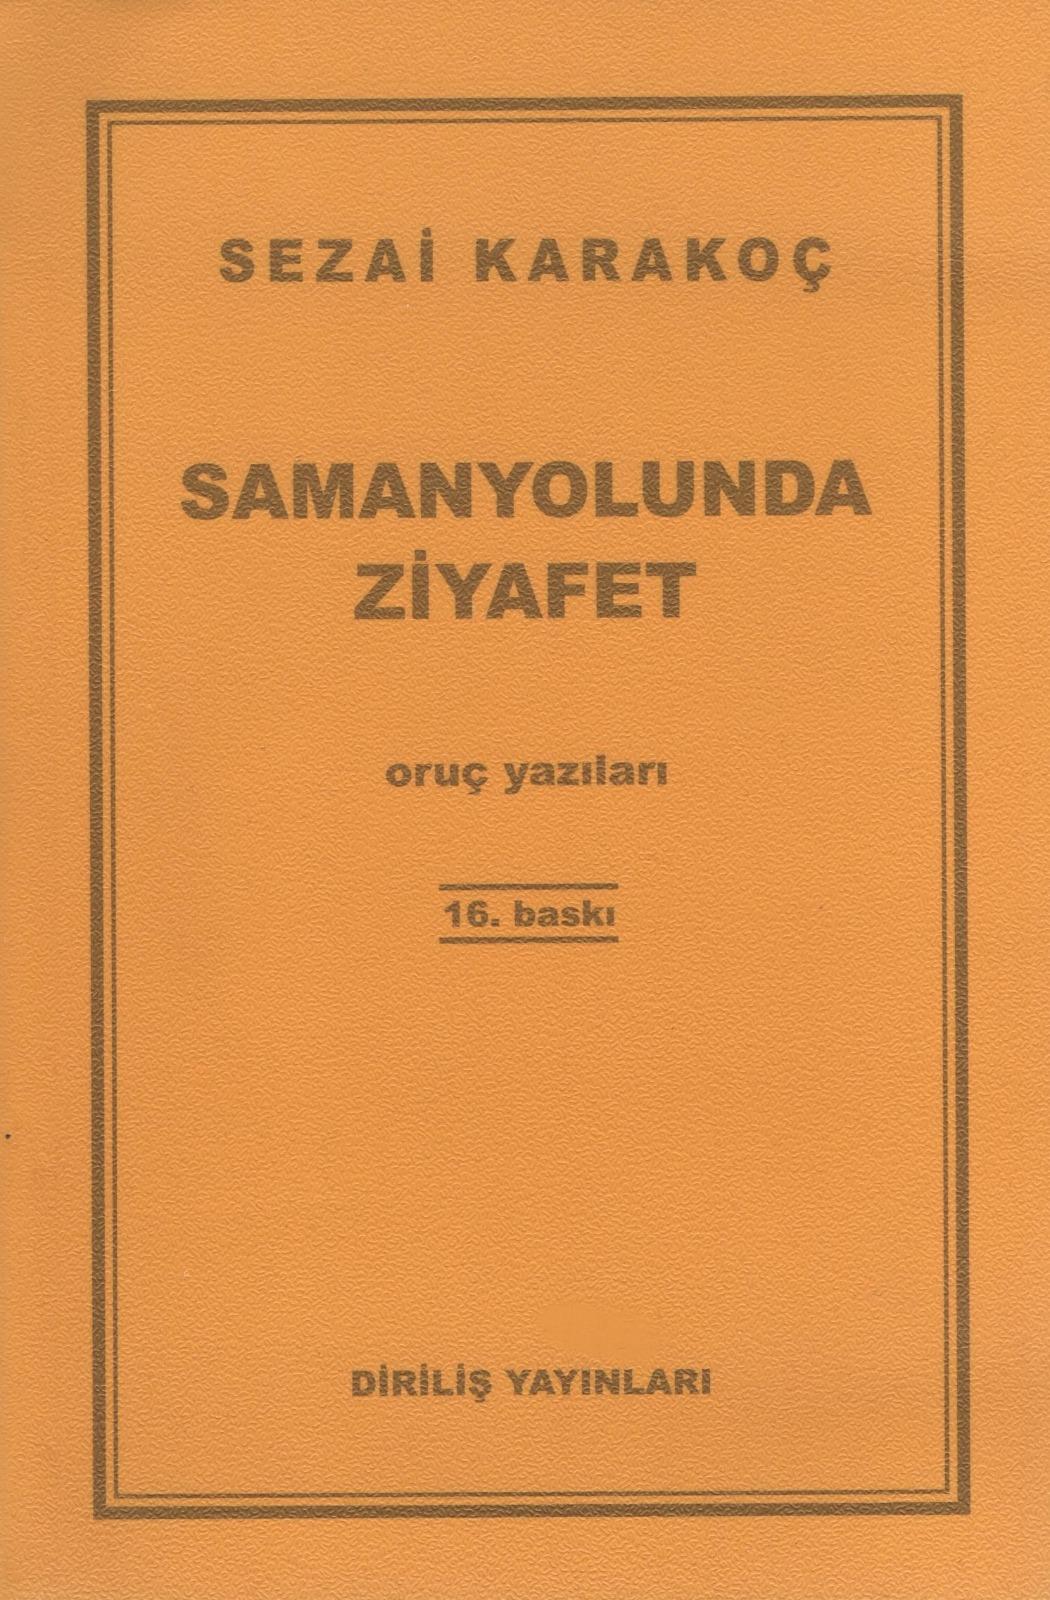 SAMANYOLUNDA ZİYAFET